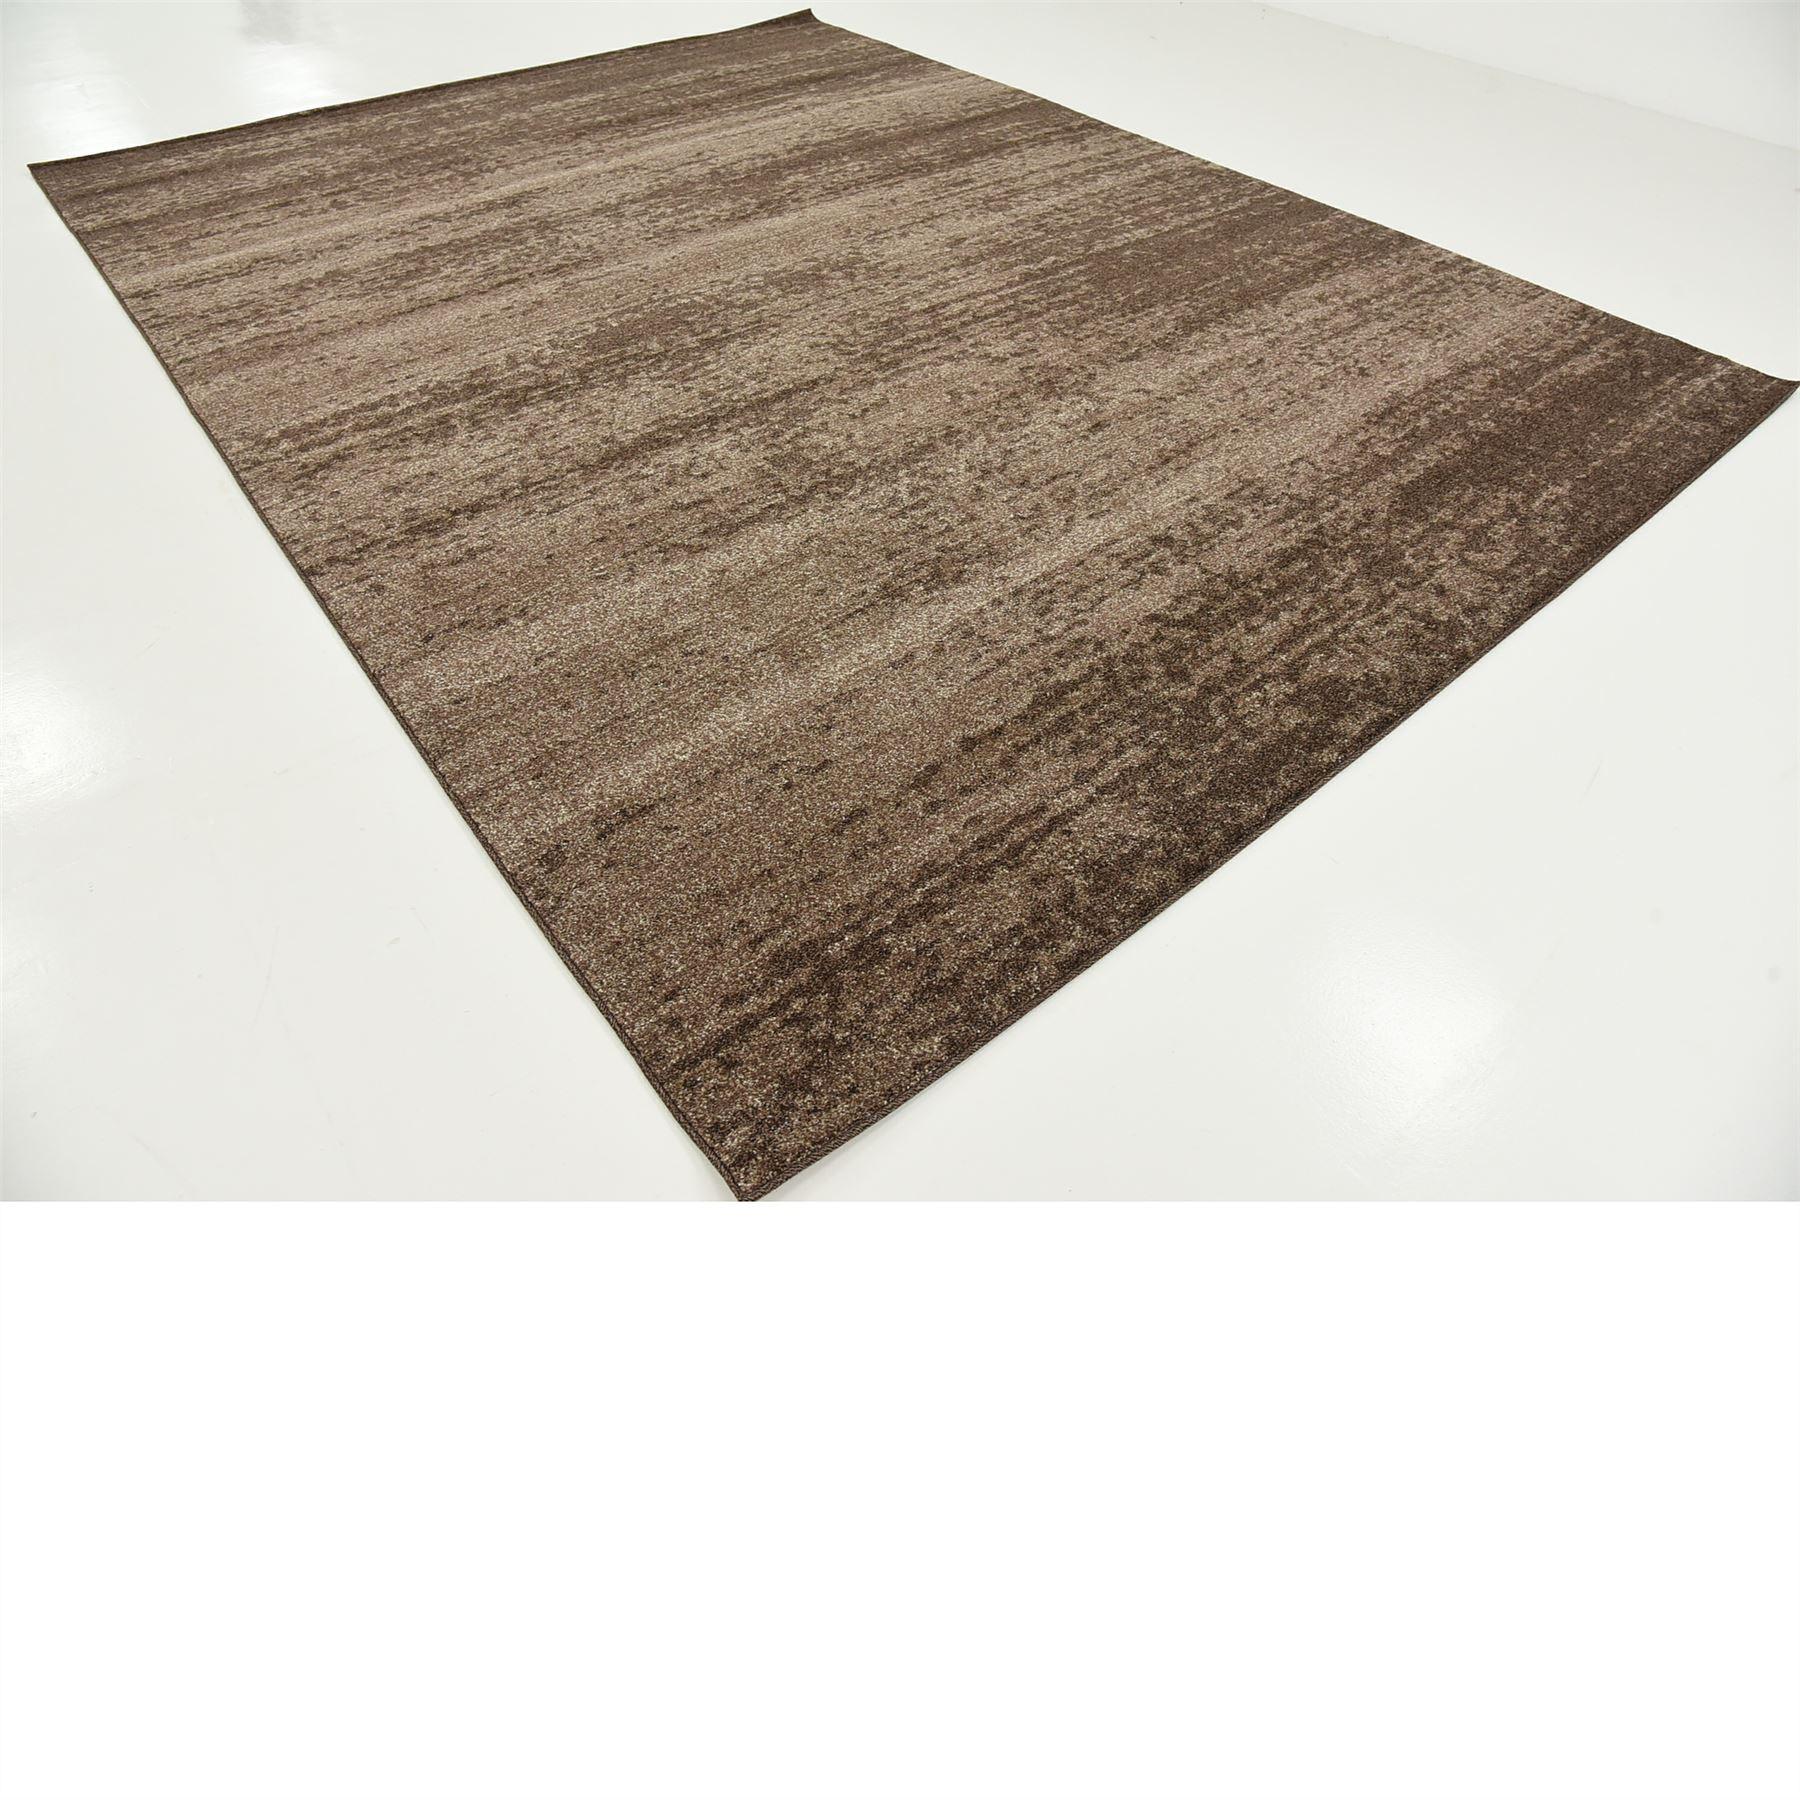 Modern Plain Rugs Soft Thin Pile Area Carpet Brown 9 X 12